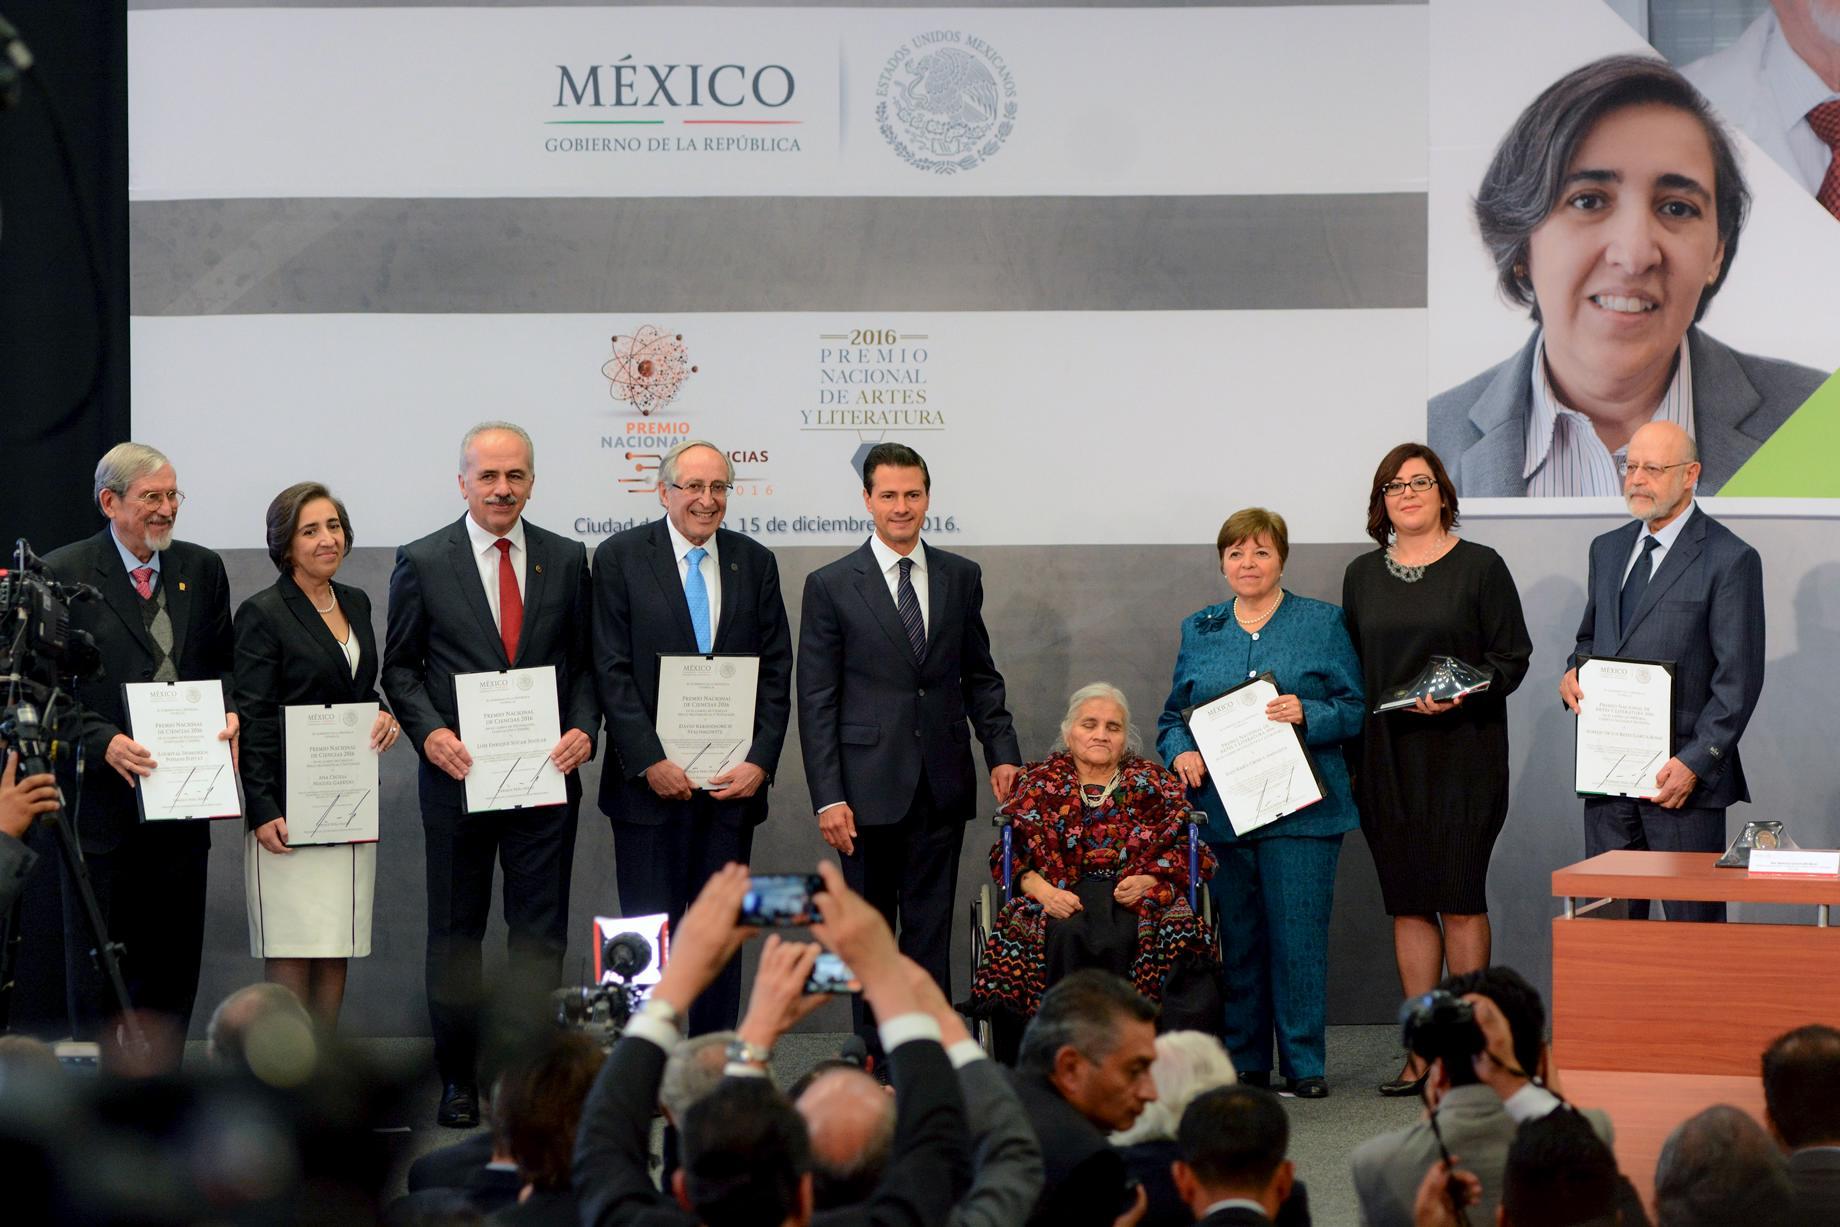 """""""Hoy, con ese espíritu de celebrar el talento de nuestros creadores, reconocemos las trayectorias excepcionales de personas que en diferentes campos de estudio o actividad engrandecen y ponen muy en alto el nombre de México"""": EPN"""